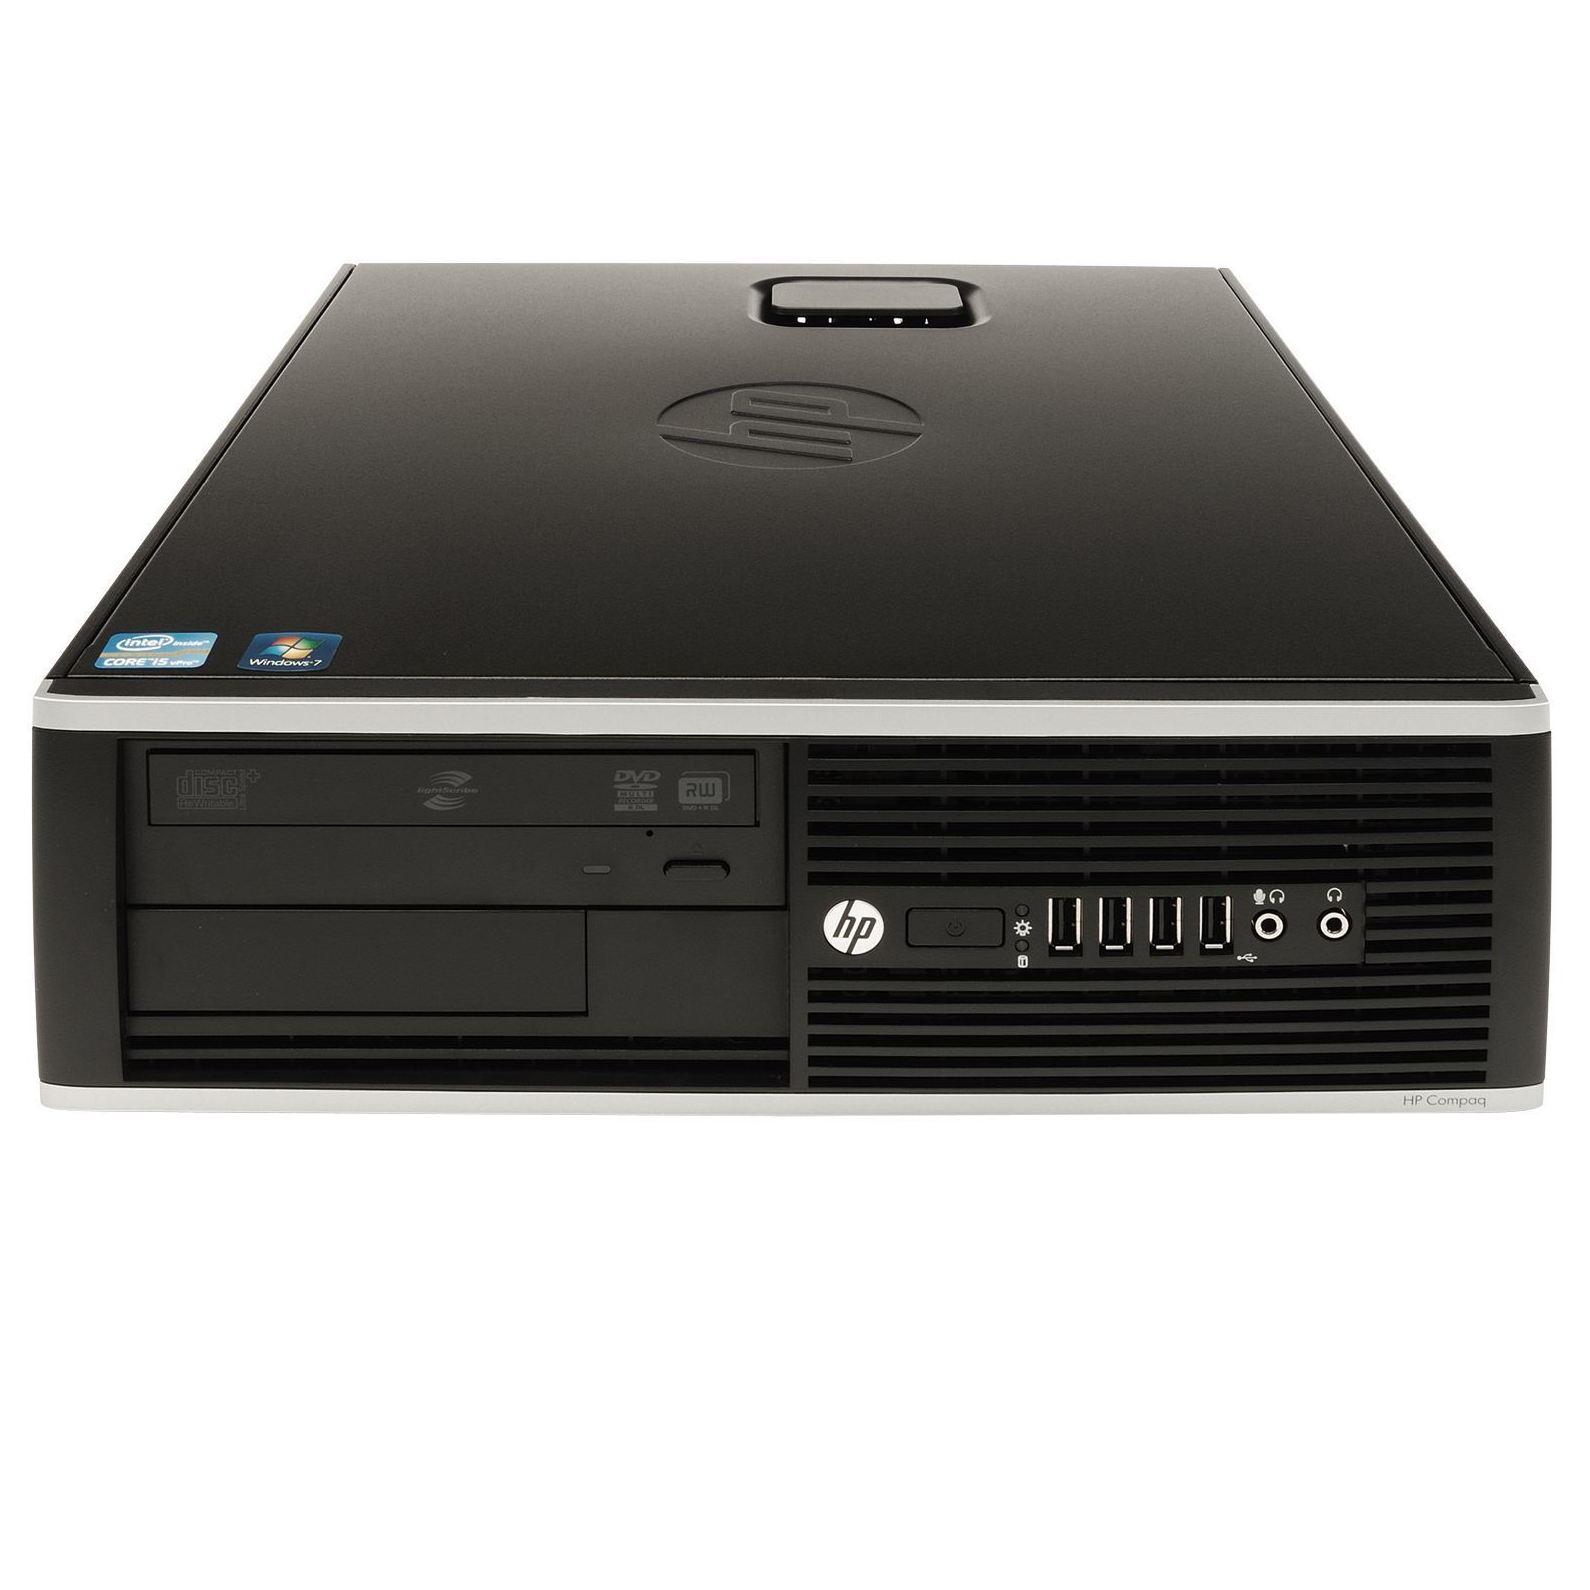 Ordenador 7 - Intel Core i5 3ª Generación: PRODUCTOS MARZO de Abaser Reutilización Informática